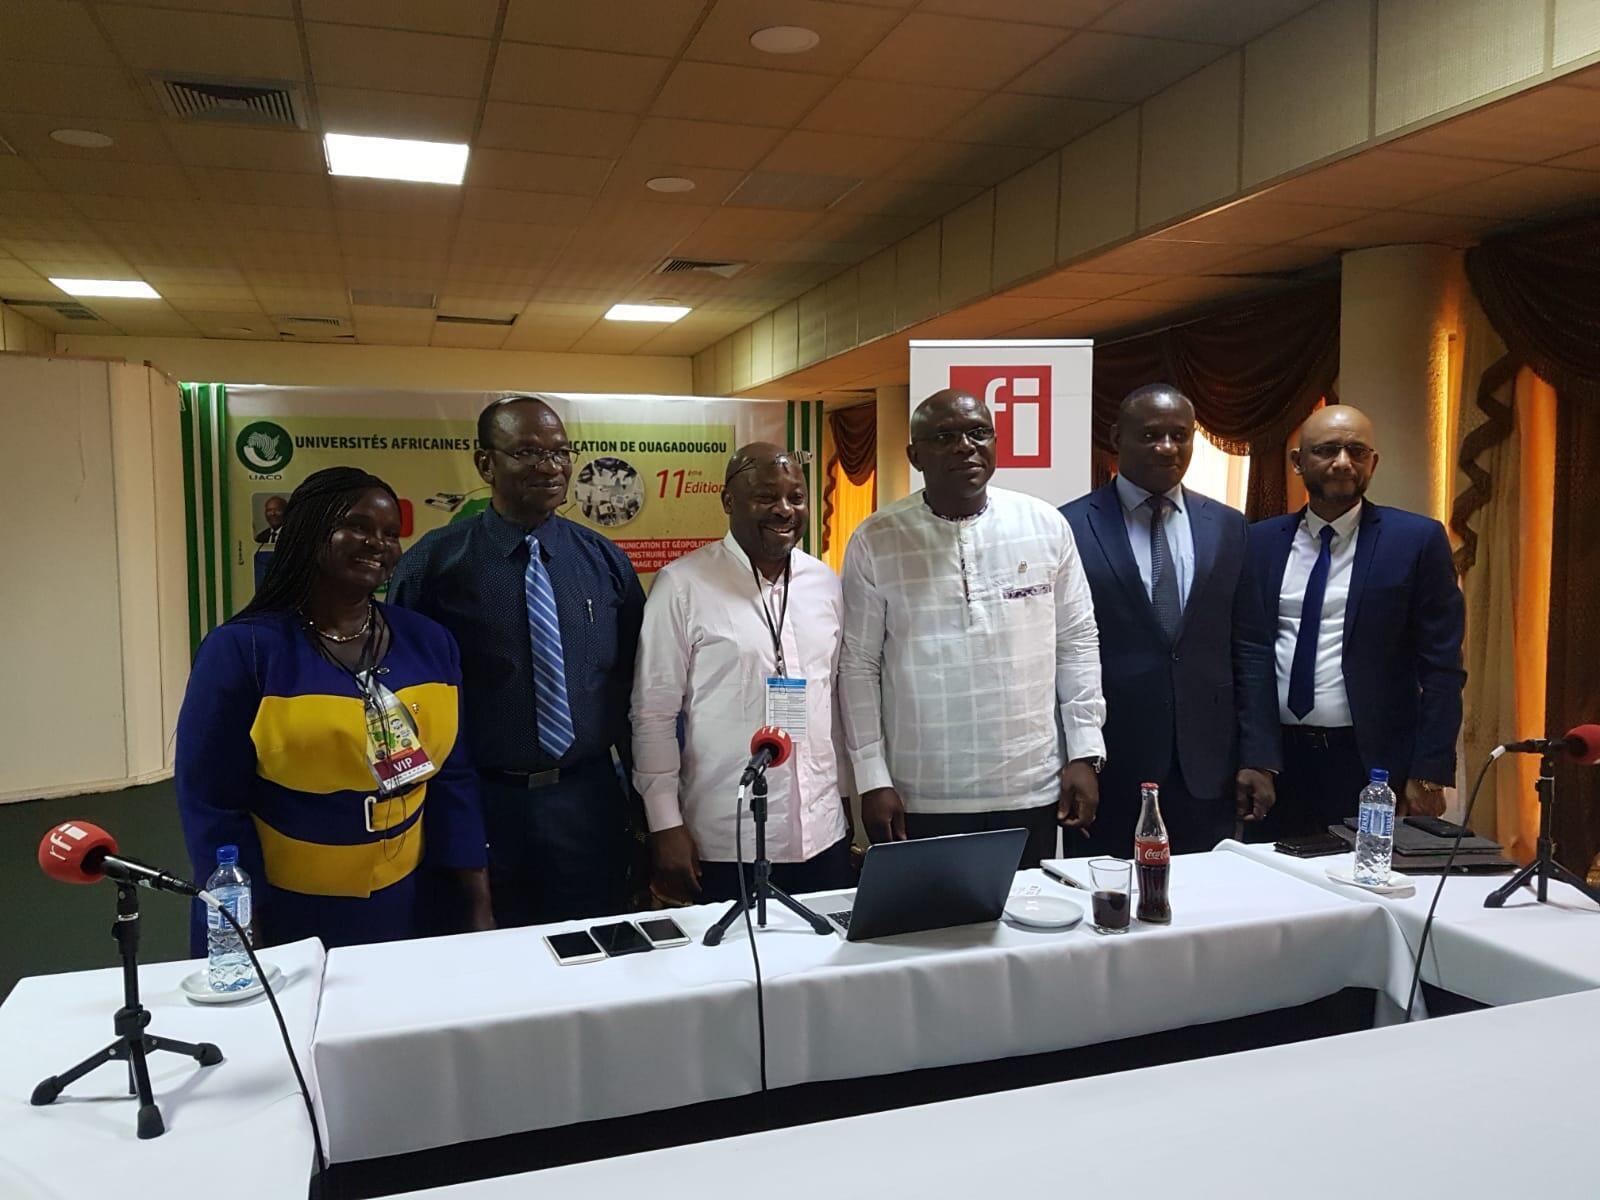 Alain Foka et ses invités, lors de l'enregistrement du débat africain à Ouagadougou, le 26 novembre 2019.